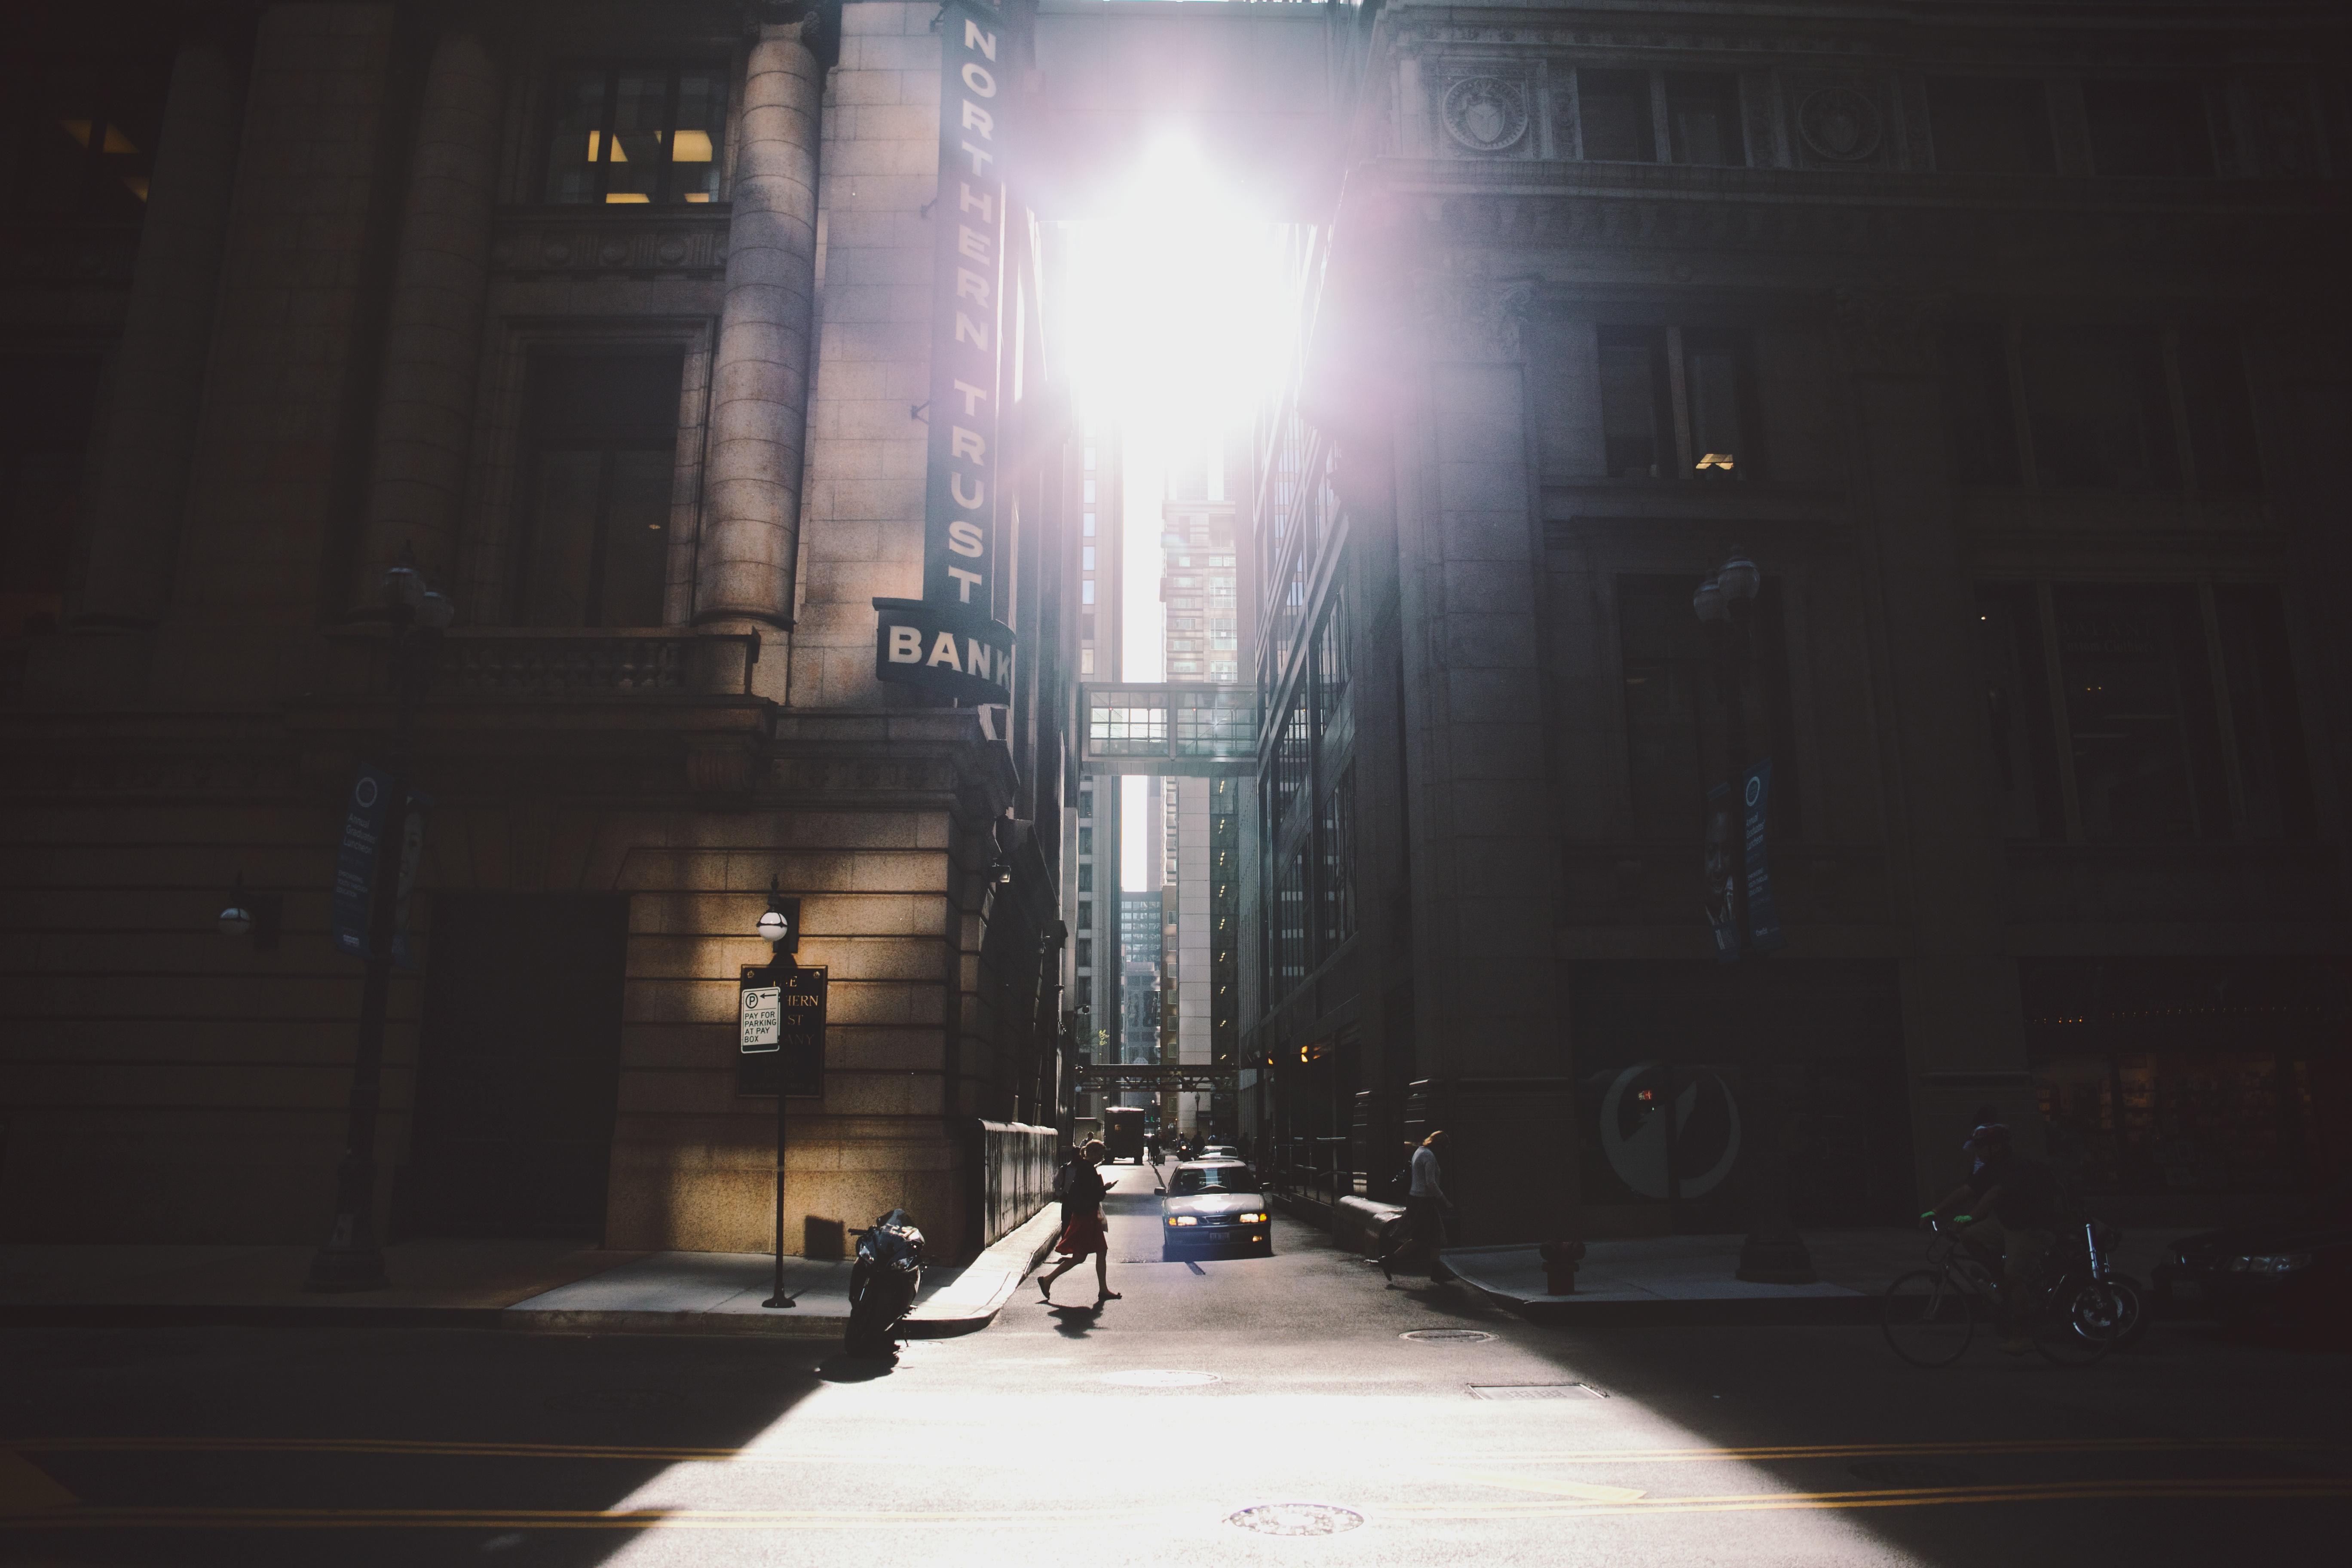 Hintergrundbilder : Kontrast, Menschen, Katze, dunkel, Straße, Nacht ...